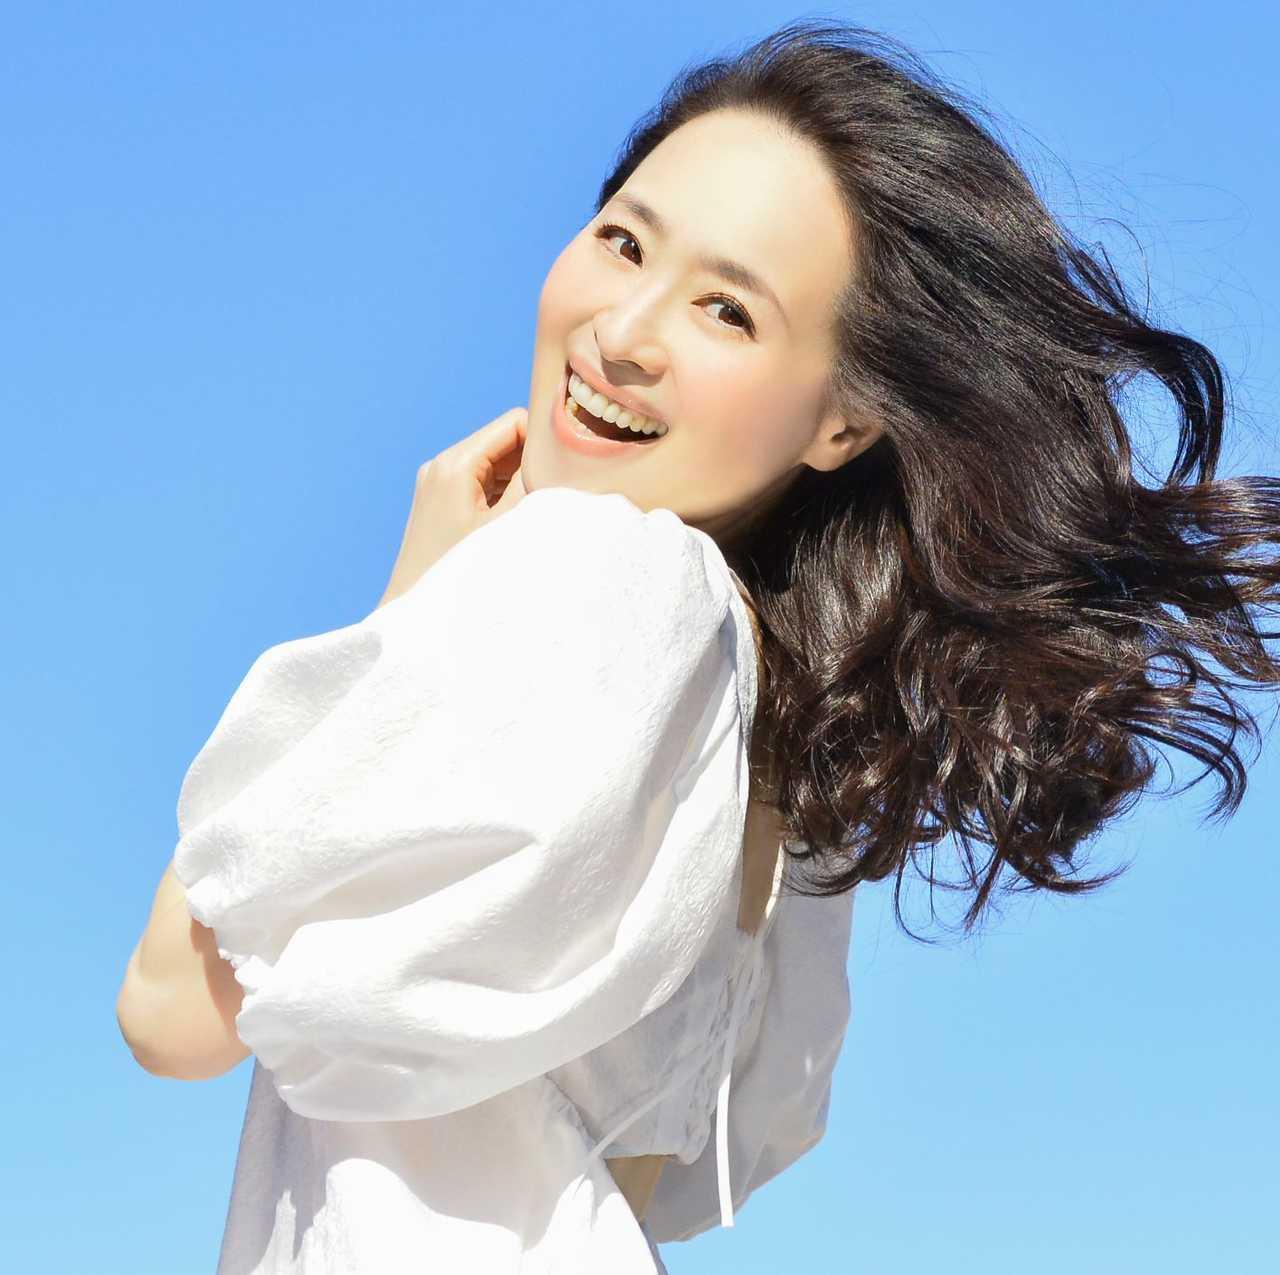 松田聖子 続♡40周年記念アルバム 完全限定盤アナログレコードが話題に!!!